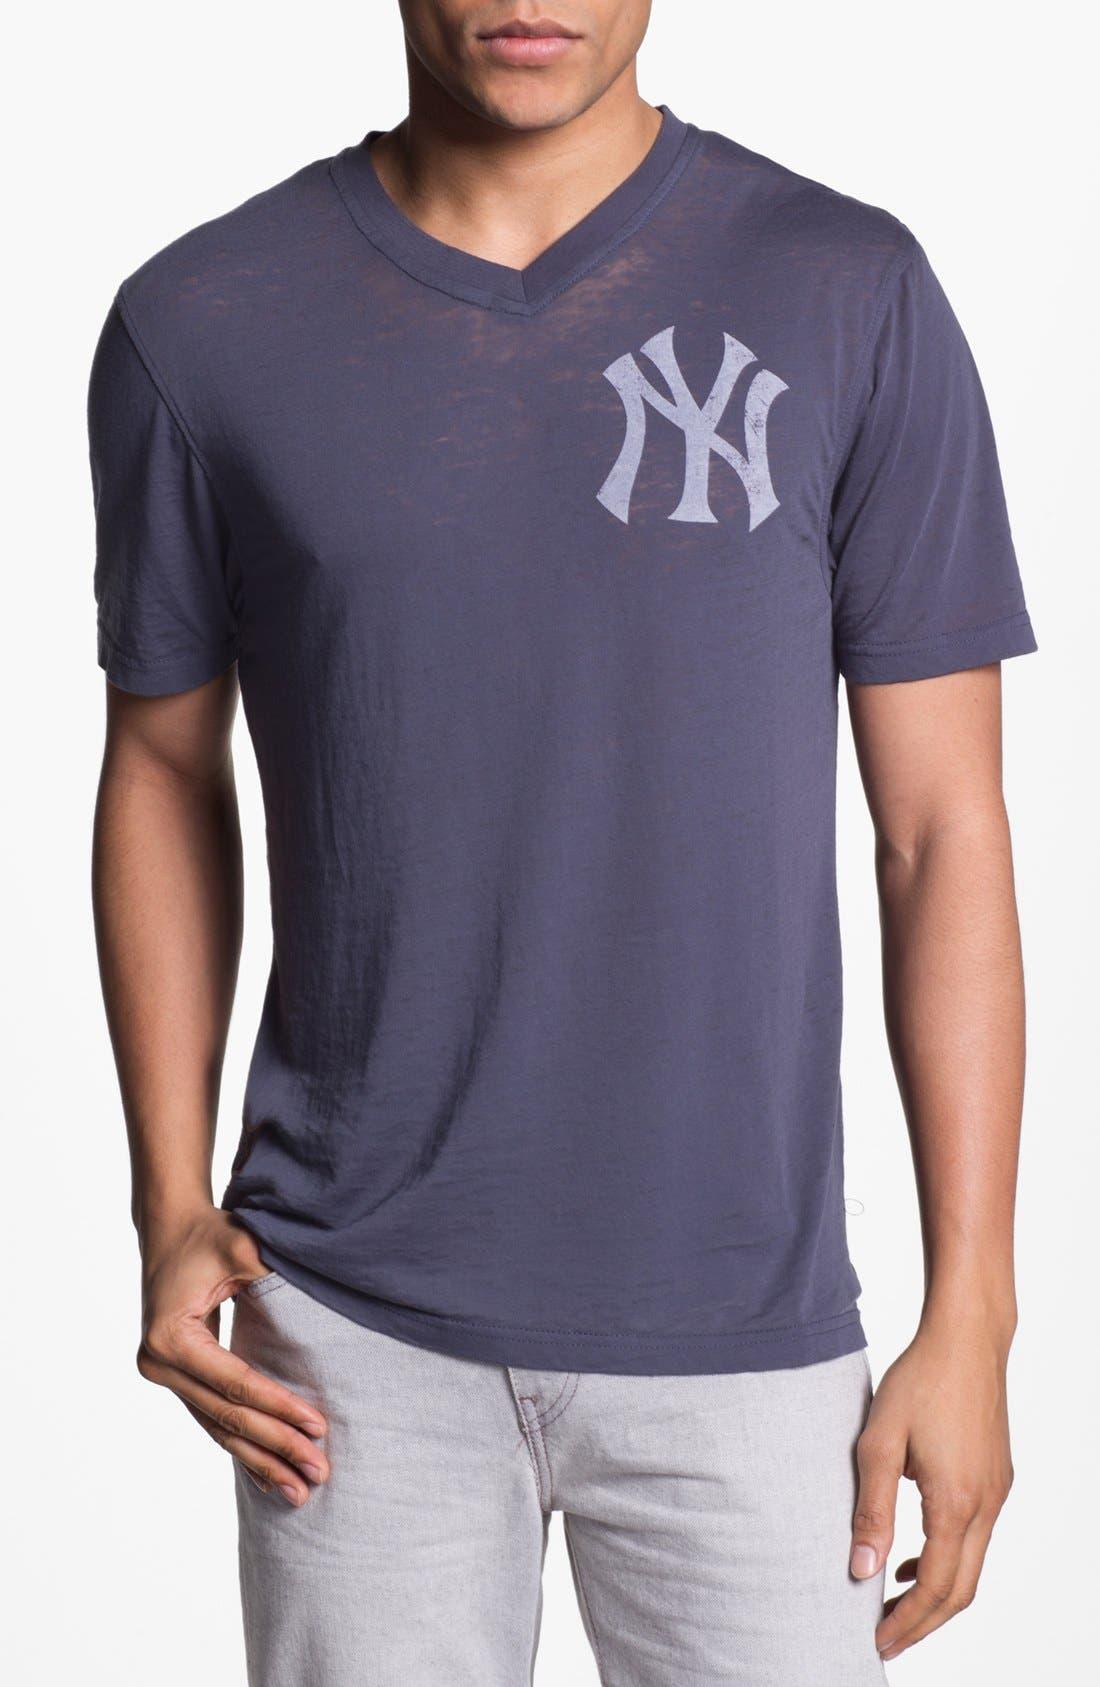 Alternate Image 1 Selected - Red Jacket 'Yankees - V-Wood' V-Neck T-Shirt